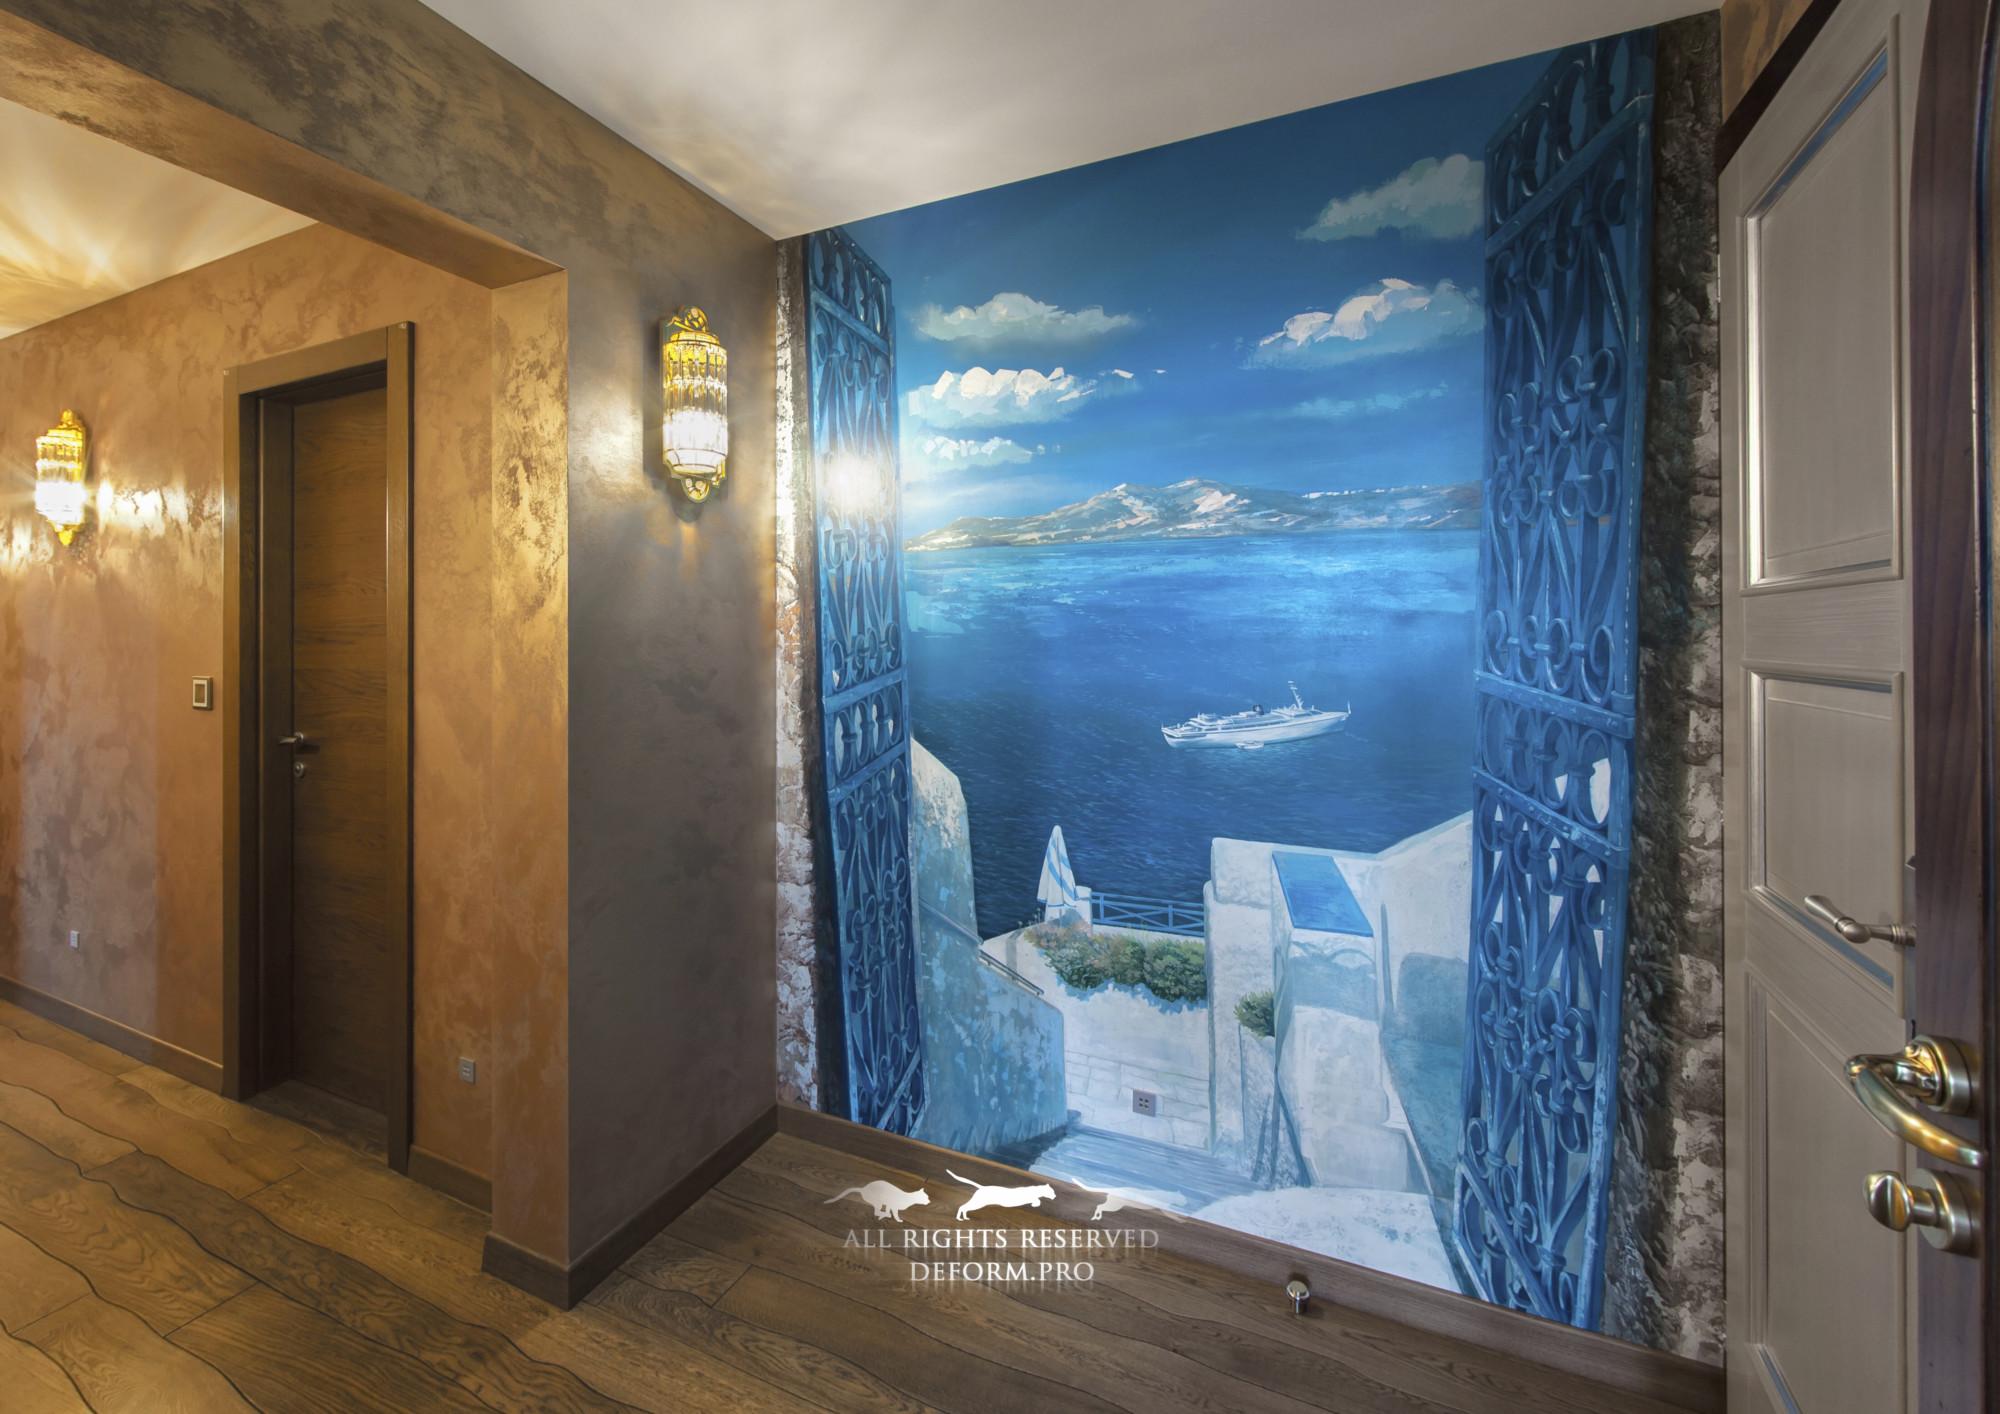 Роспись интерьера. Обманка. Греция. Вид на море